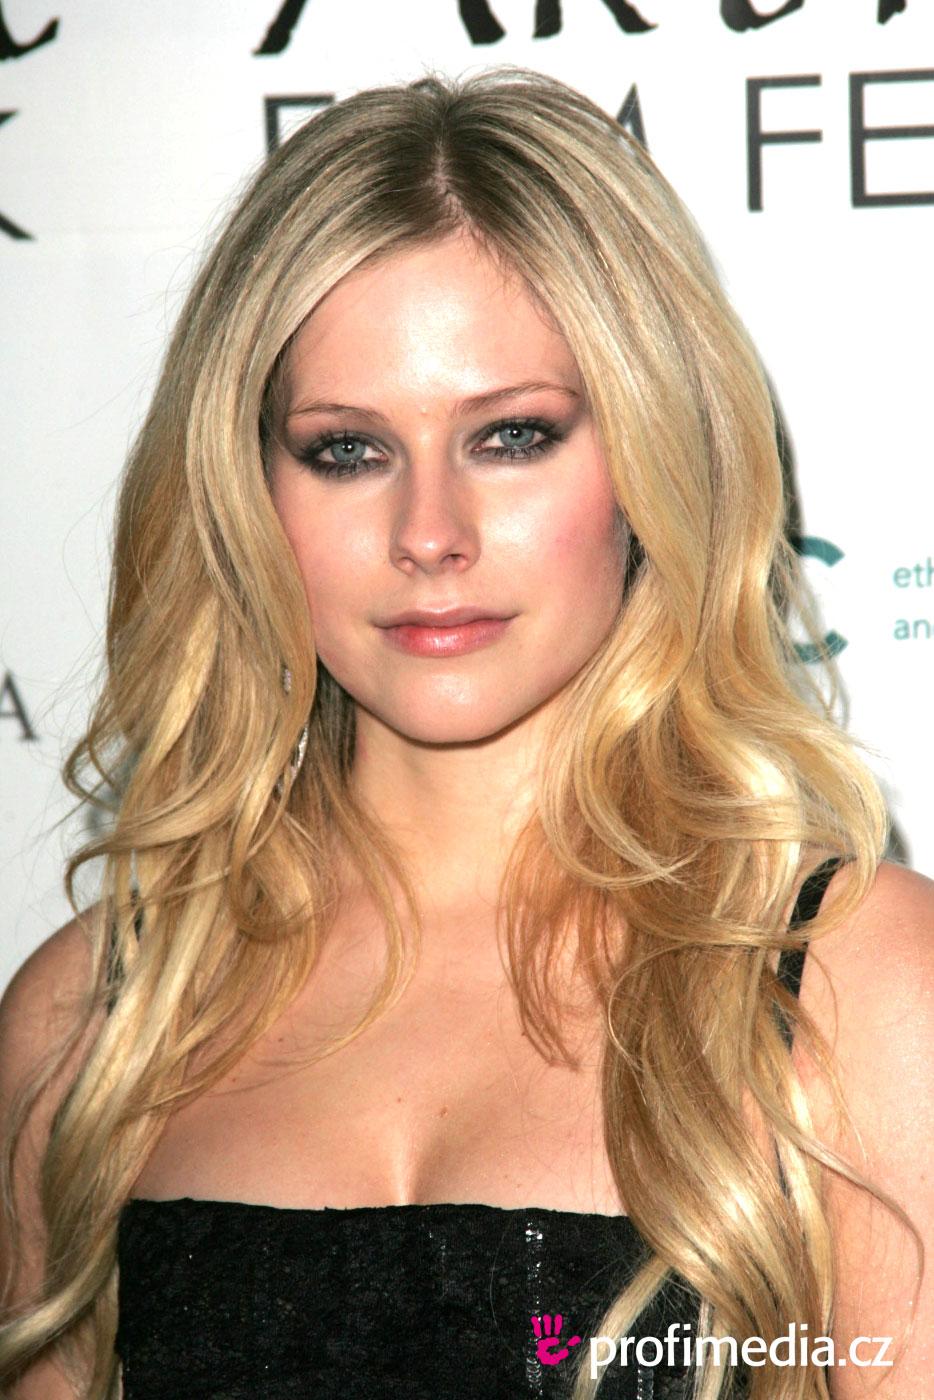 Avril Lavigne  frisur zum Ausprobieren in eFrisuren